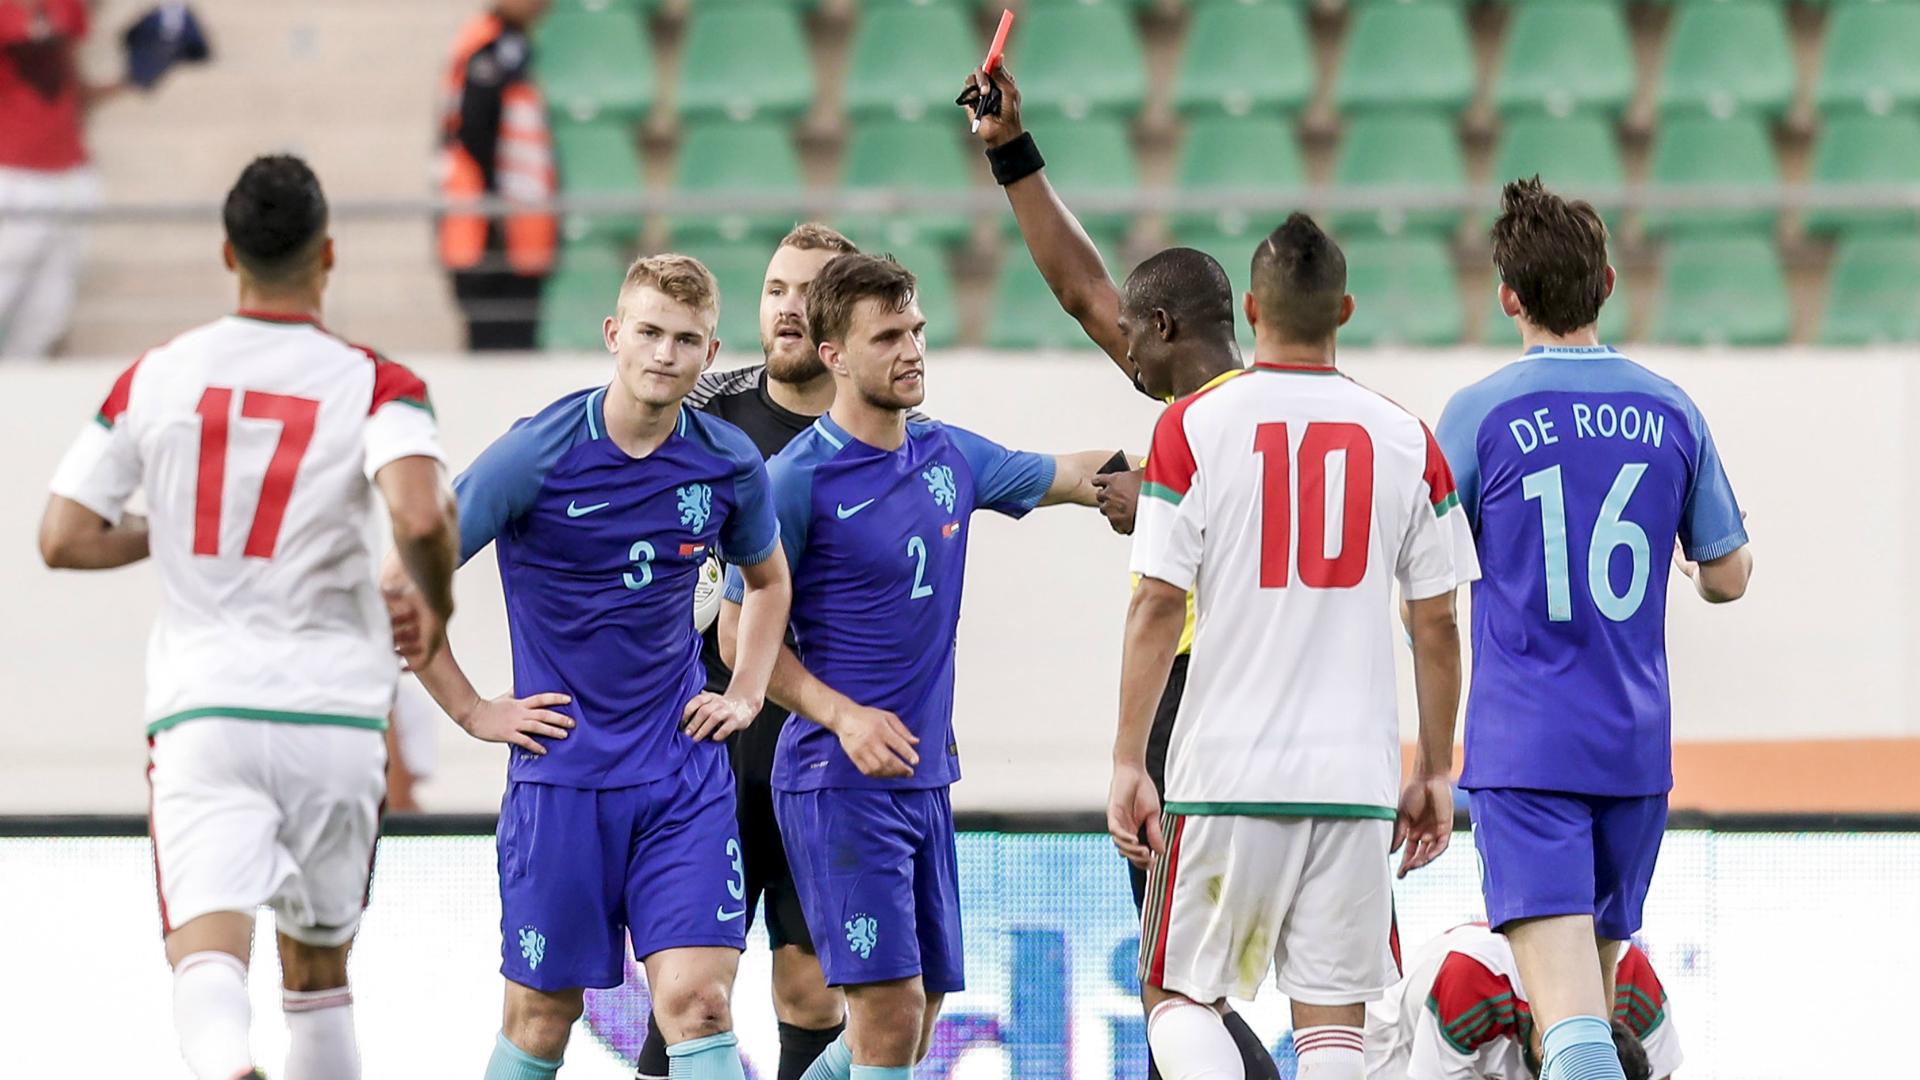 Maroc - Pays-Bas: un match pas si amical que ça... (vidéo)